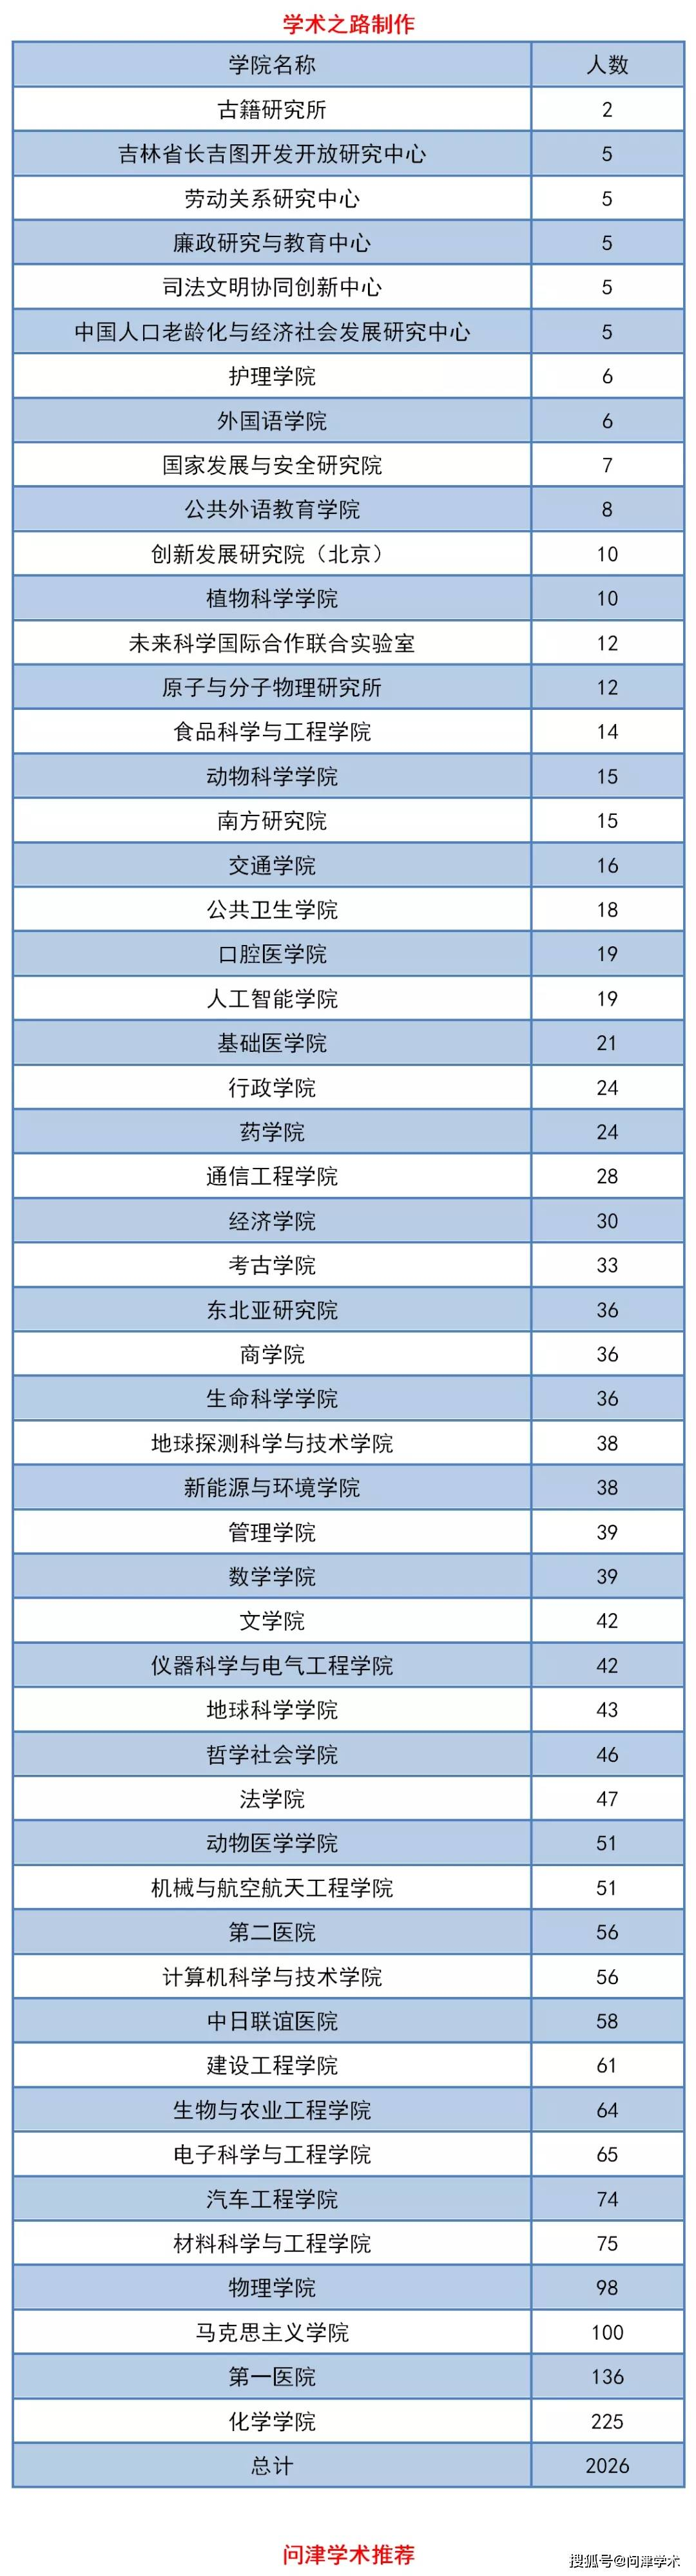 吉林大学2020年博士研究生拟录取名单公示!共2026人!